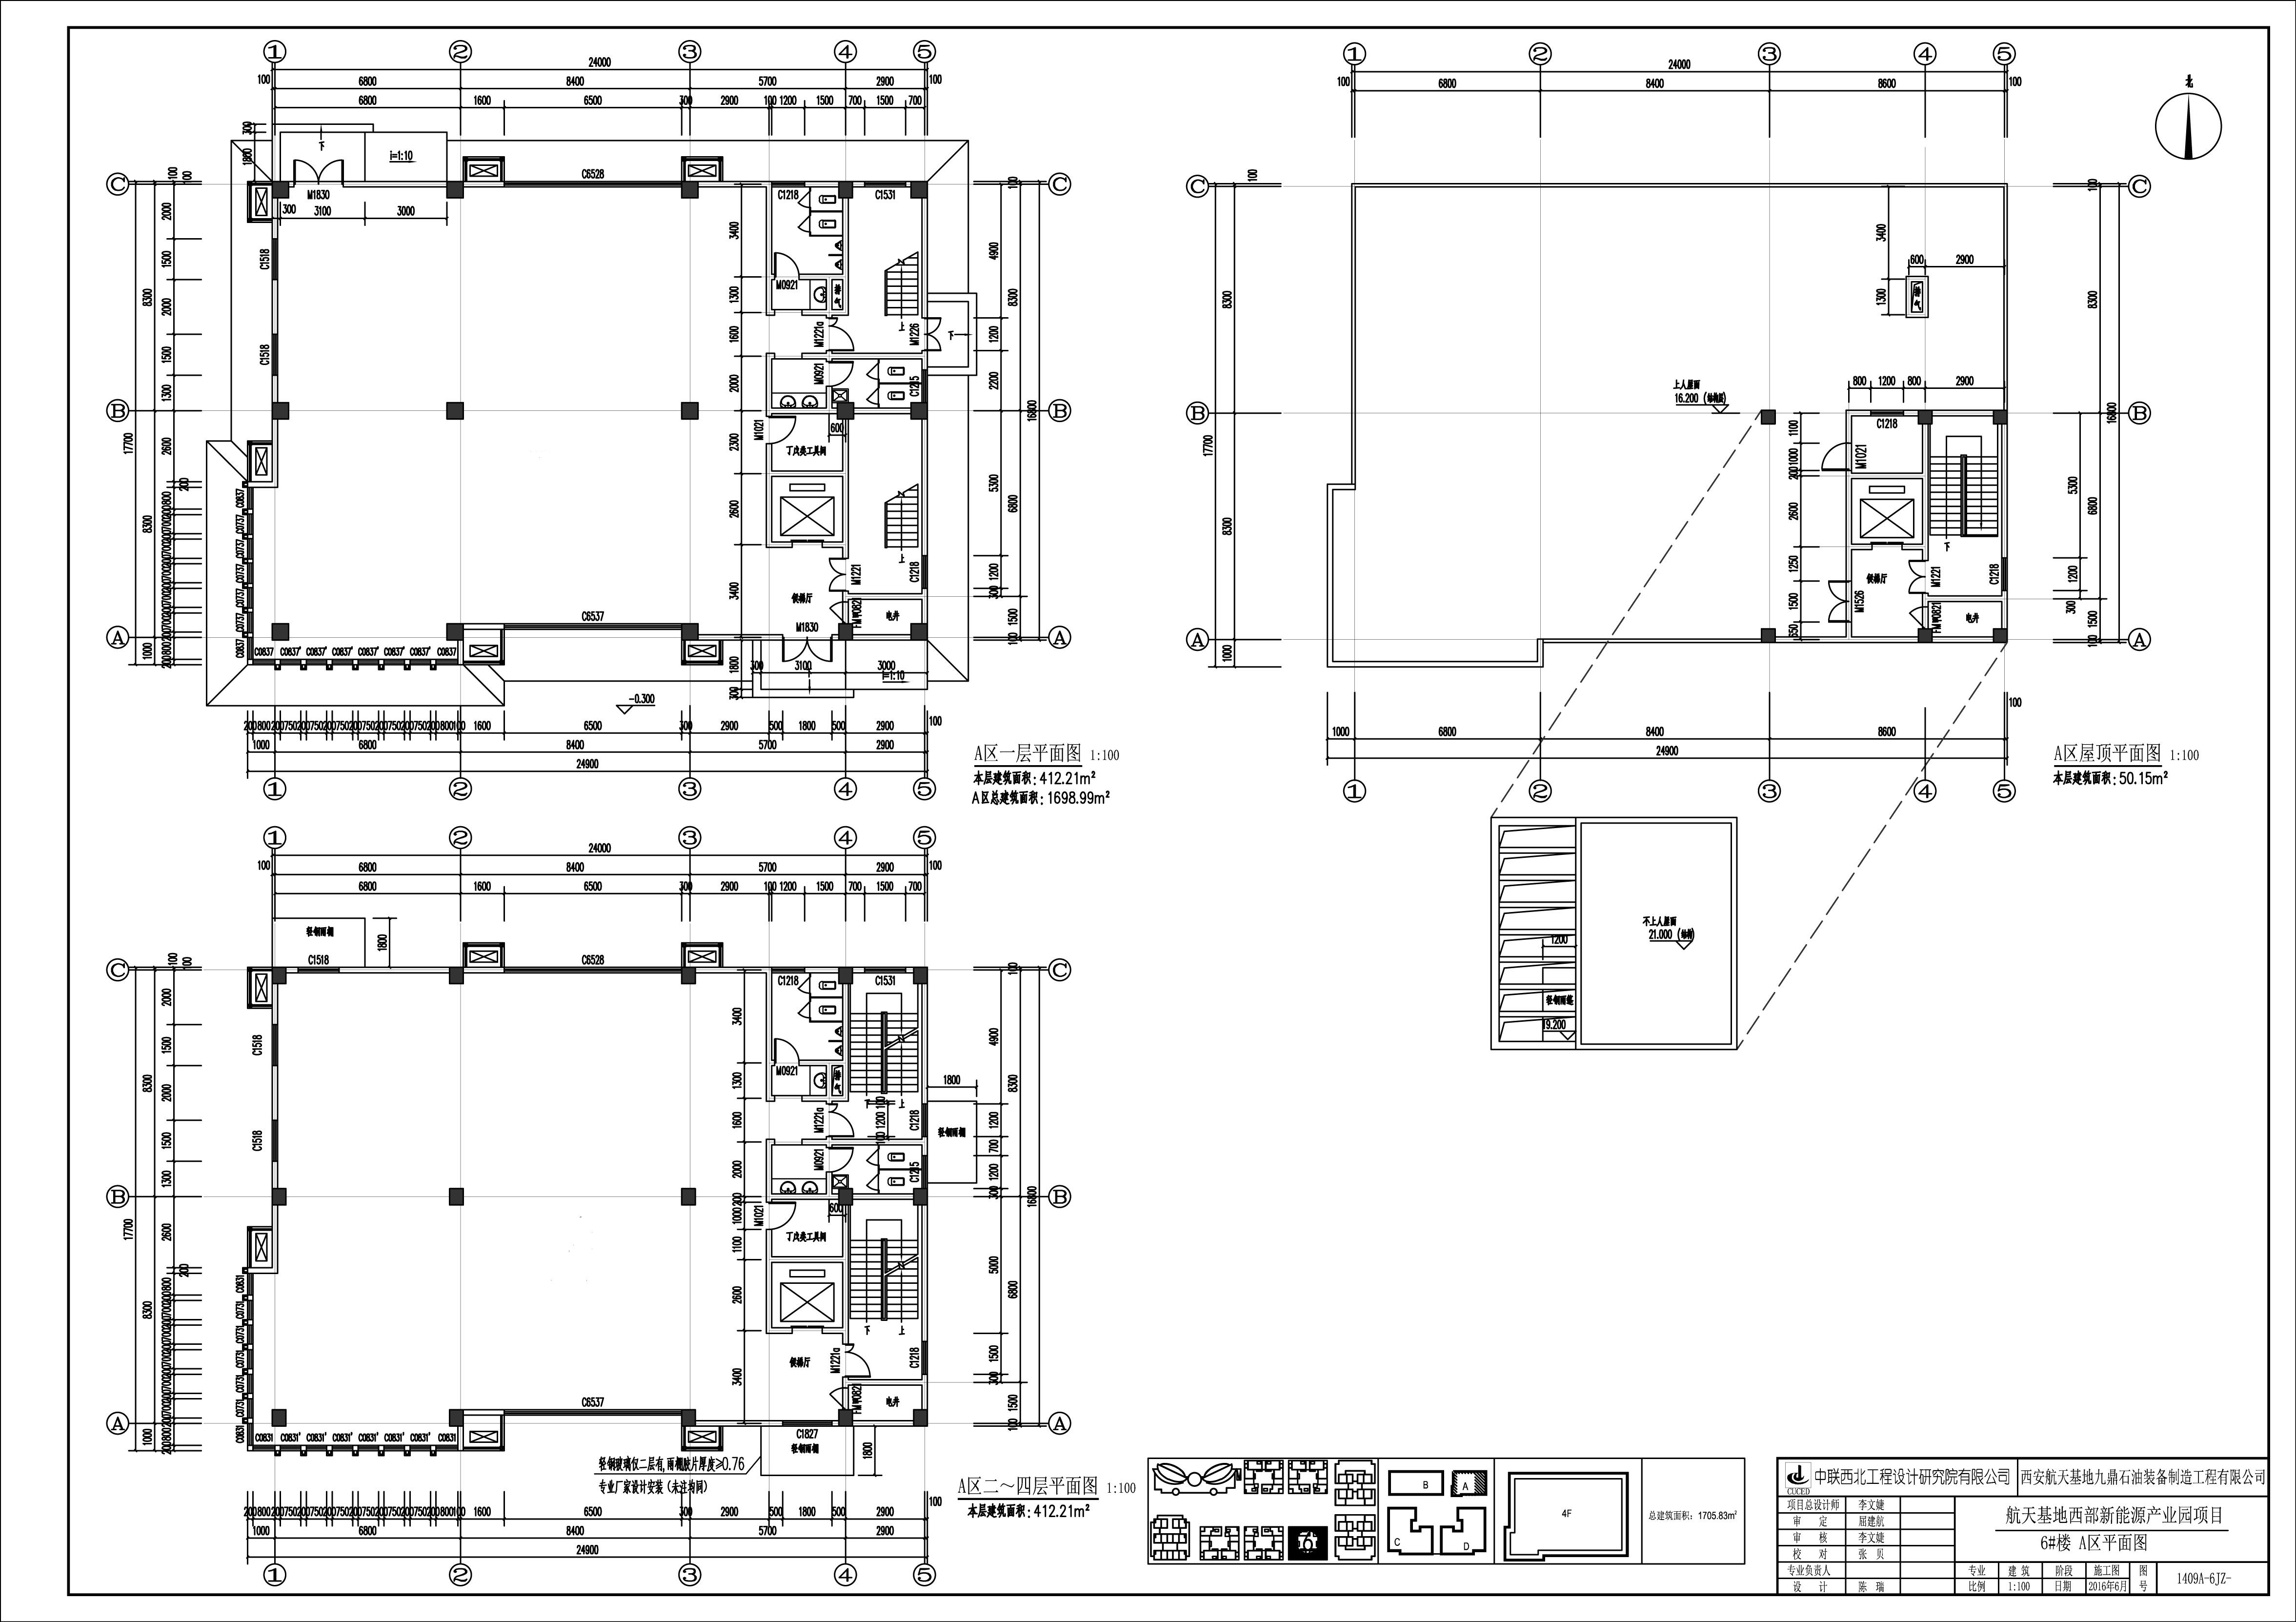 项目介绍: 九鼎产业园由九鼎石油装备制造有限公司鼎力打造,项目位于国家民用航天产业基地神州六路与航新路的交汇处。项目占地168亩,建面15万平方米,项目规划分为两期开发,一期主要为独栋商务企业别墅,面积从10002600平方米。二期暂定为酒店、公寓、商业。 项目目前有12000建筑已封顶,年底即可装修进场 项目周边情况简介: 1.